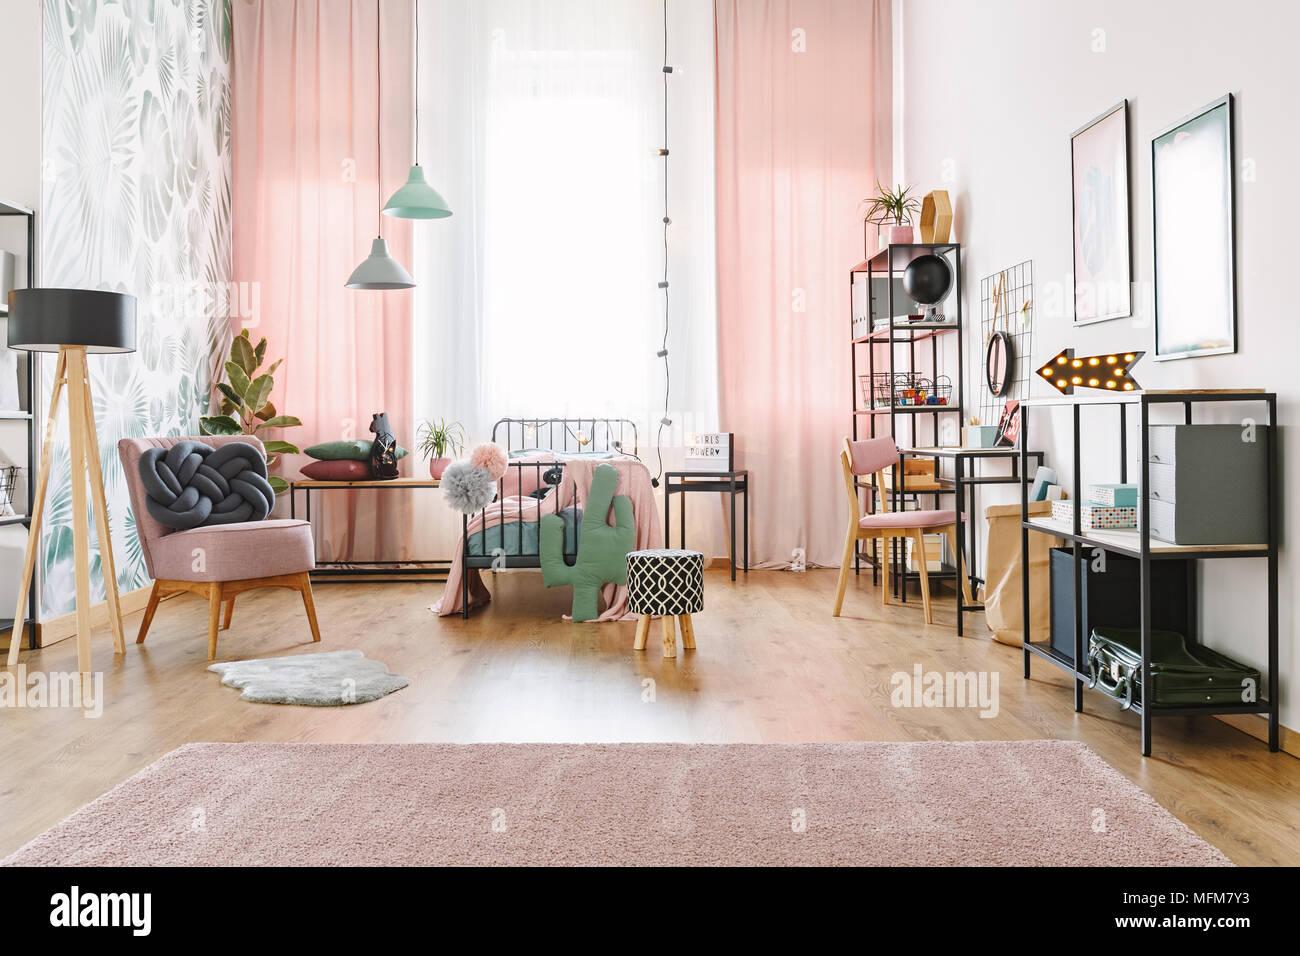 Geraumige Rosa Und Weiss Schlafzimmer Innenraum Fur Ein Junges